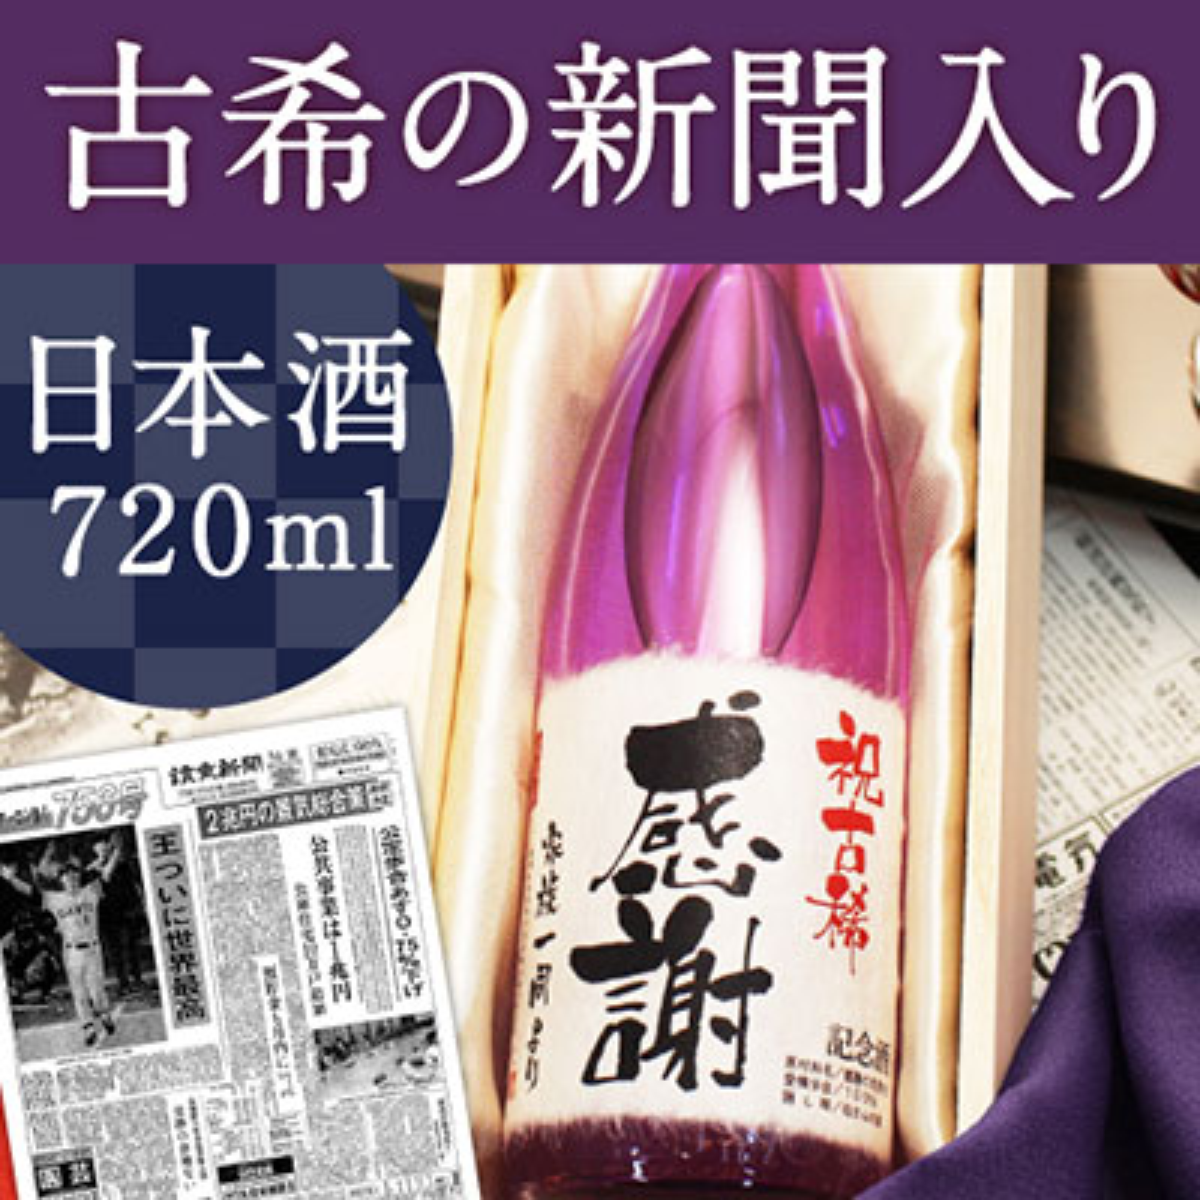 古希のプレゼント「紫式部」母親向けギフト(日本酒)